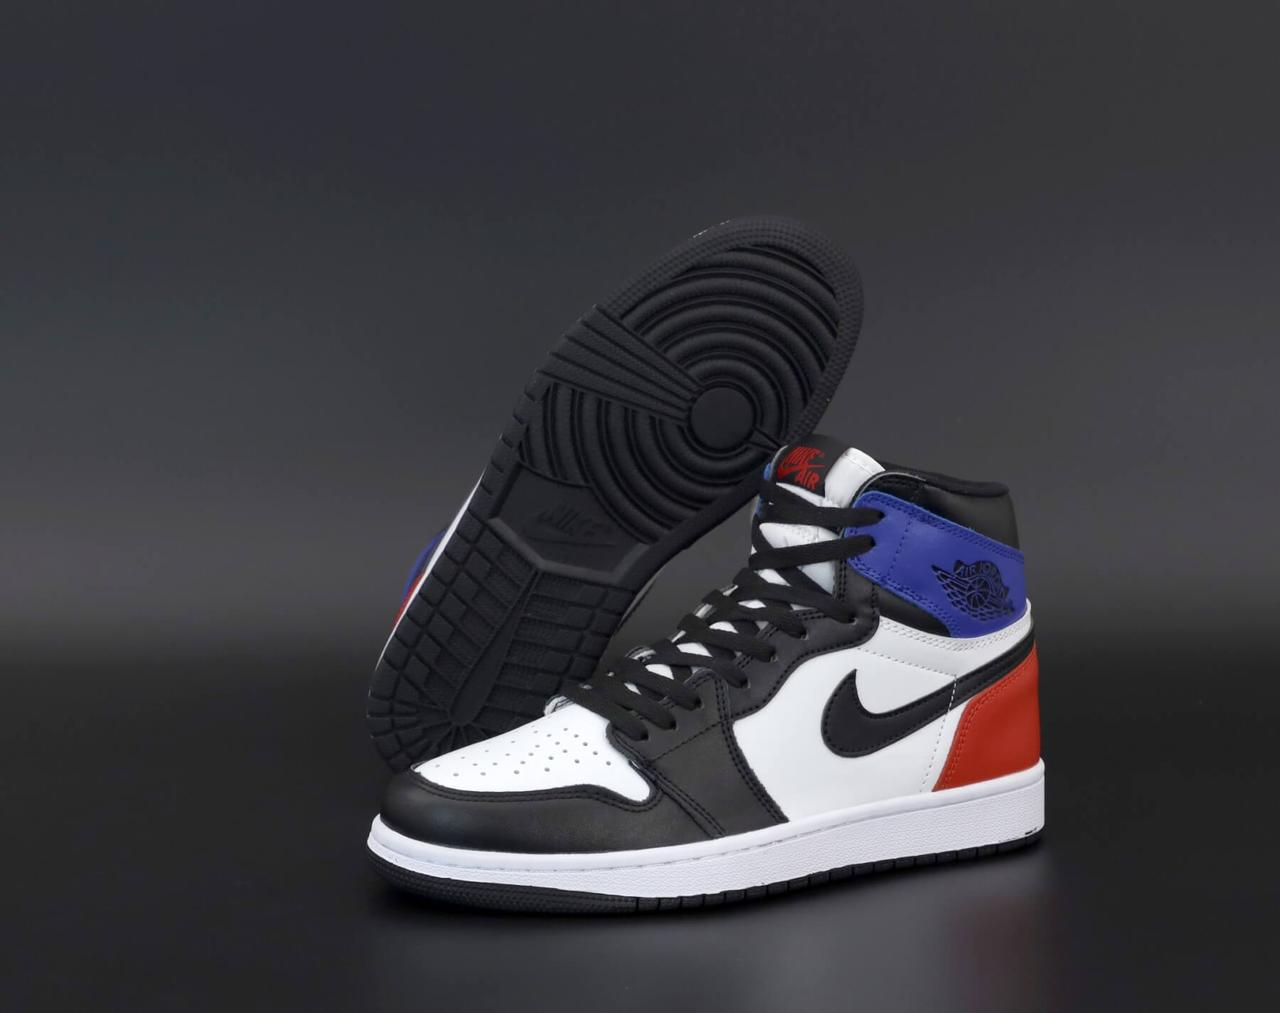 Високі баскетбольні кросівки Nike Air Jordan 1 Retro Red White Black Blue (Найк Аїр Джордан Ретро)